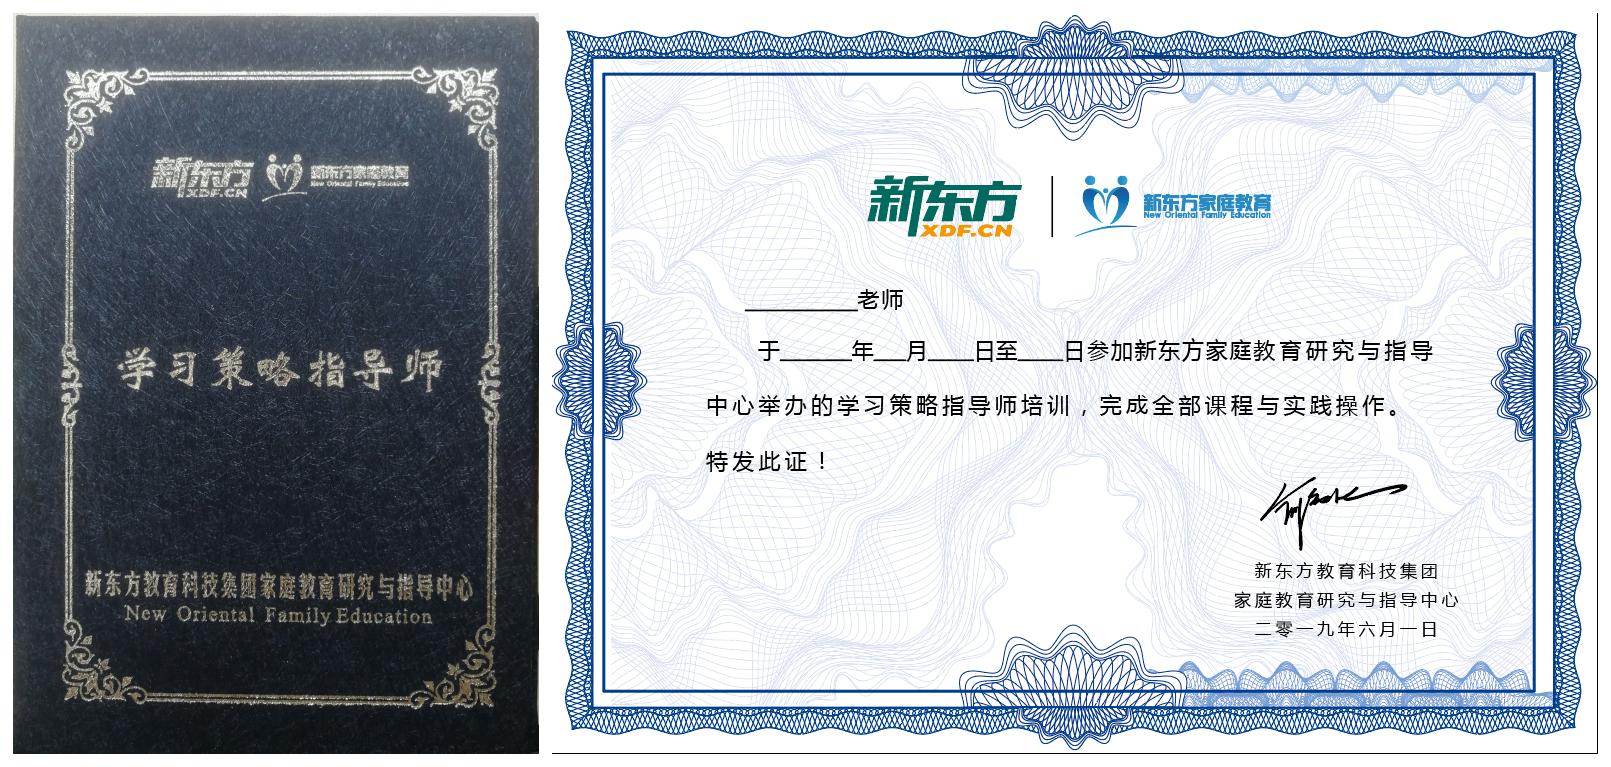 学习策略指导师证书芯_副本.png